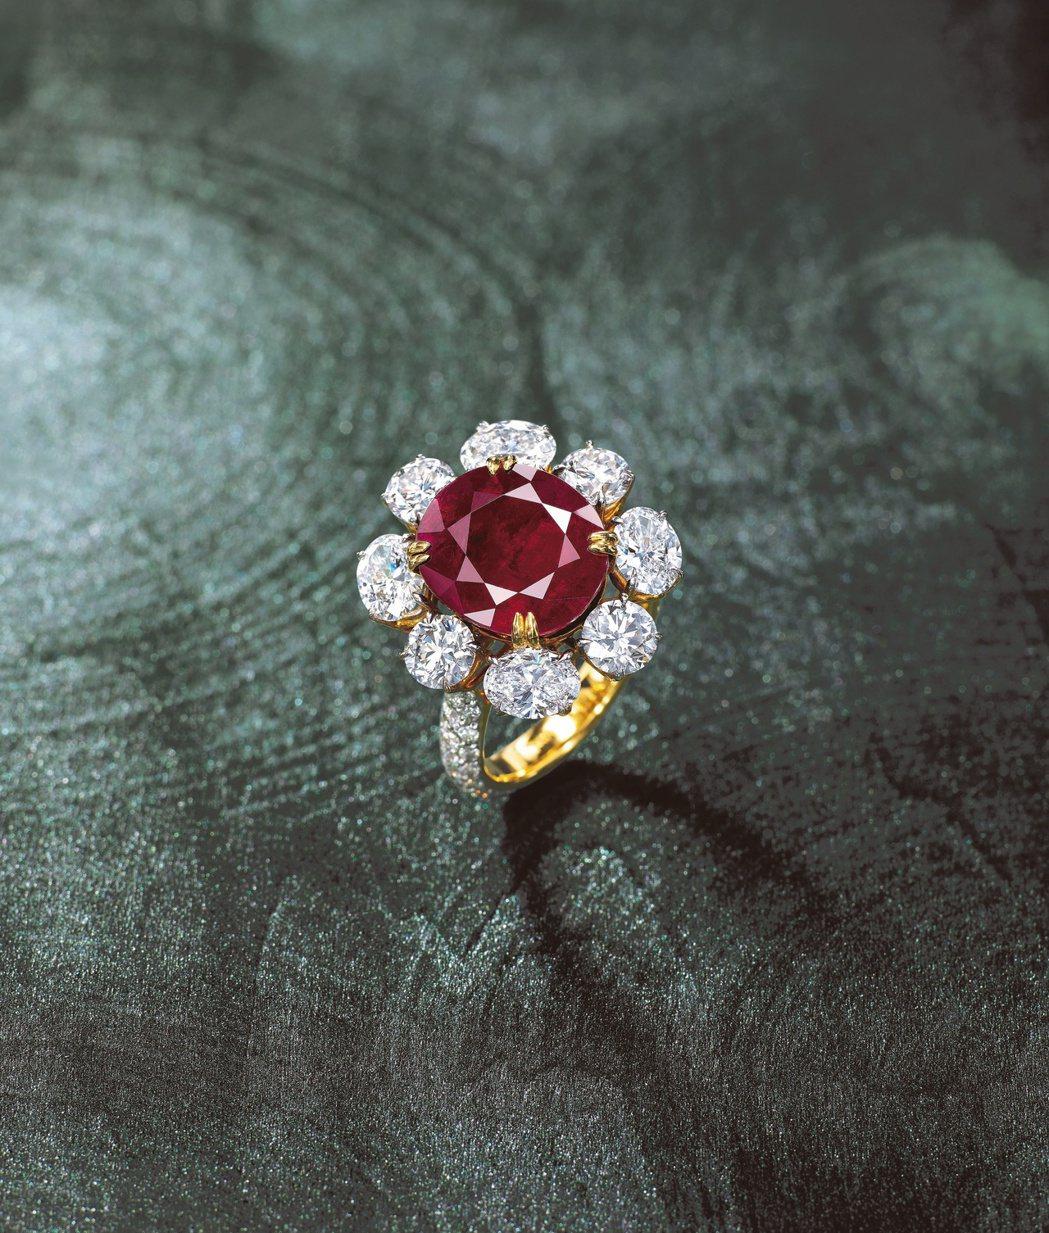 稀有的8.57克拉天然緬甸抹谷未經加熱,紅寶石配鑽石戒指,HK$1,280,00...